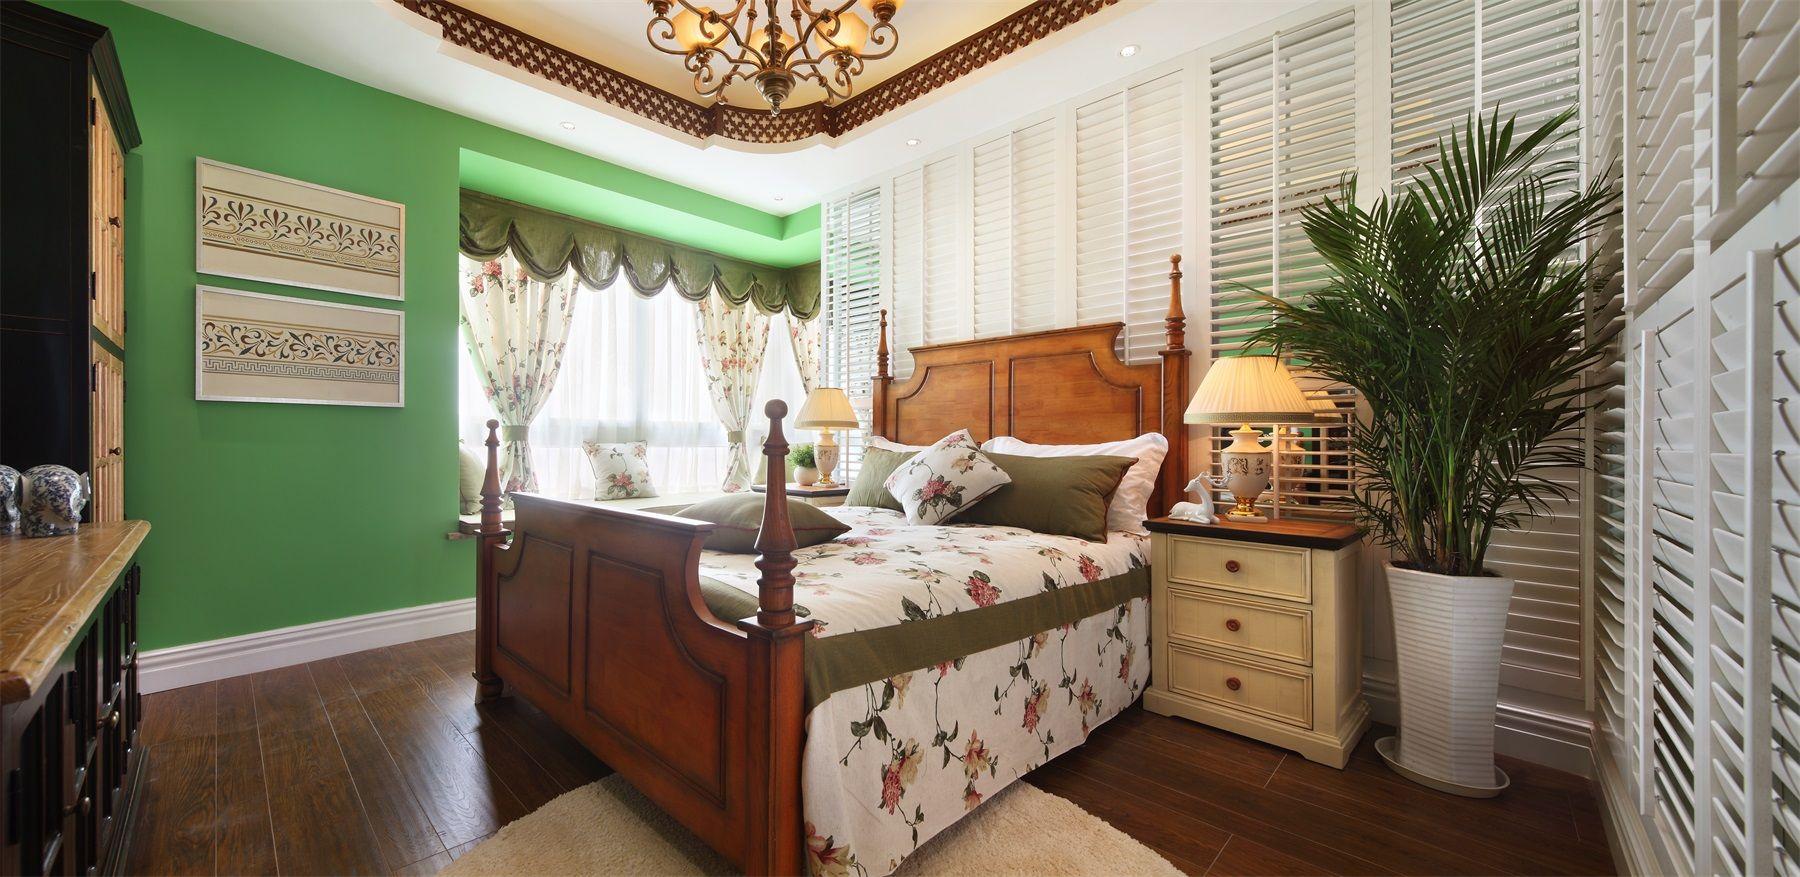 原木床是很多家庭的首选,与金黄色的水晶吊灯相协调,温暖而又静谧。